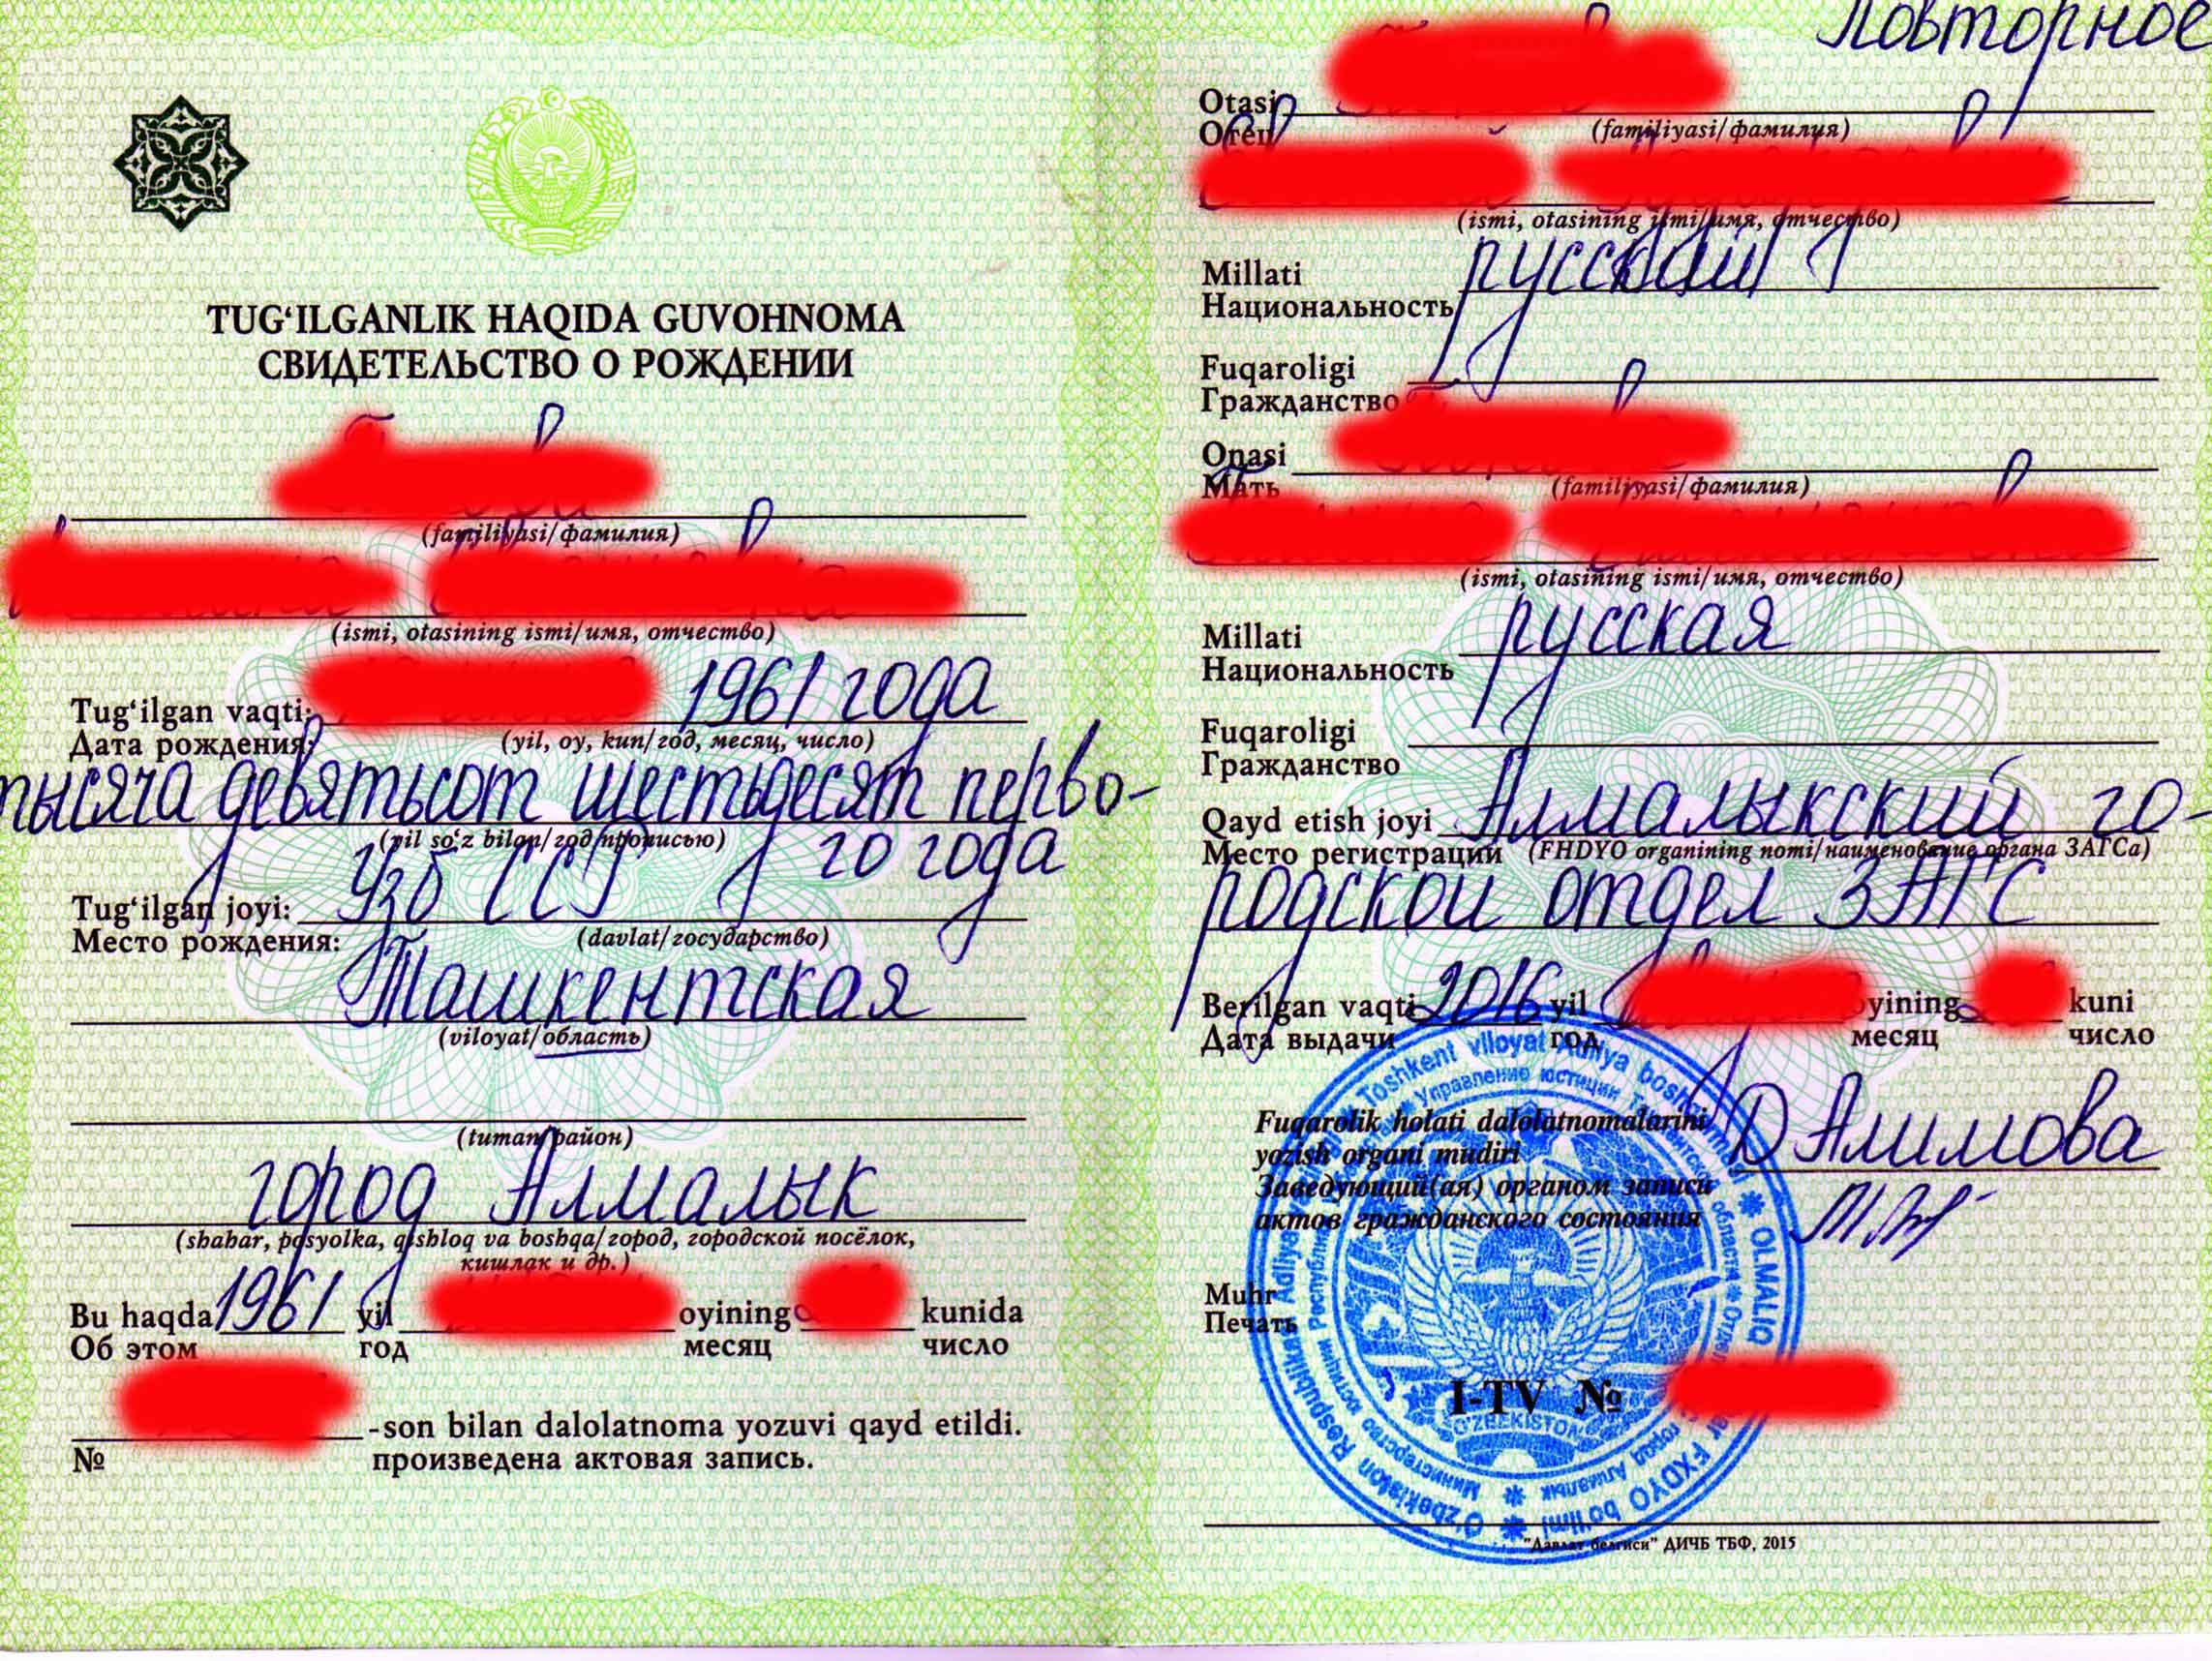 Получение свидетельства о смерти в москве